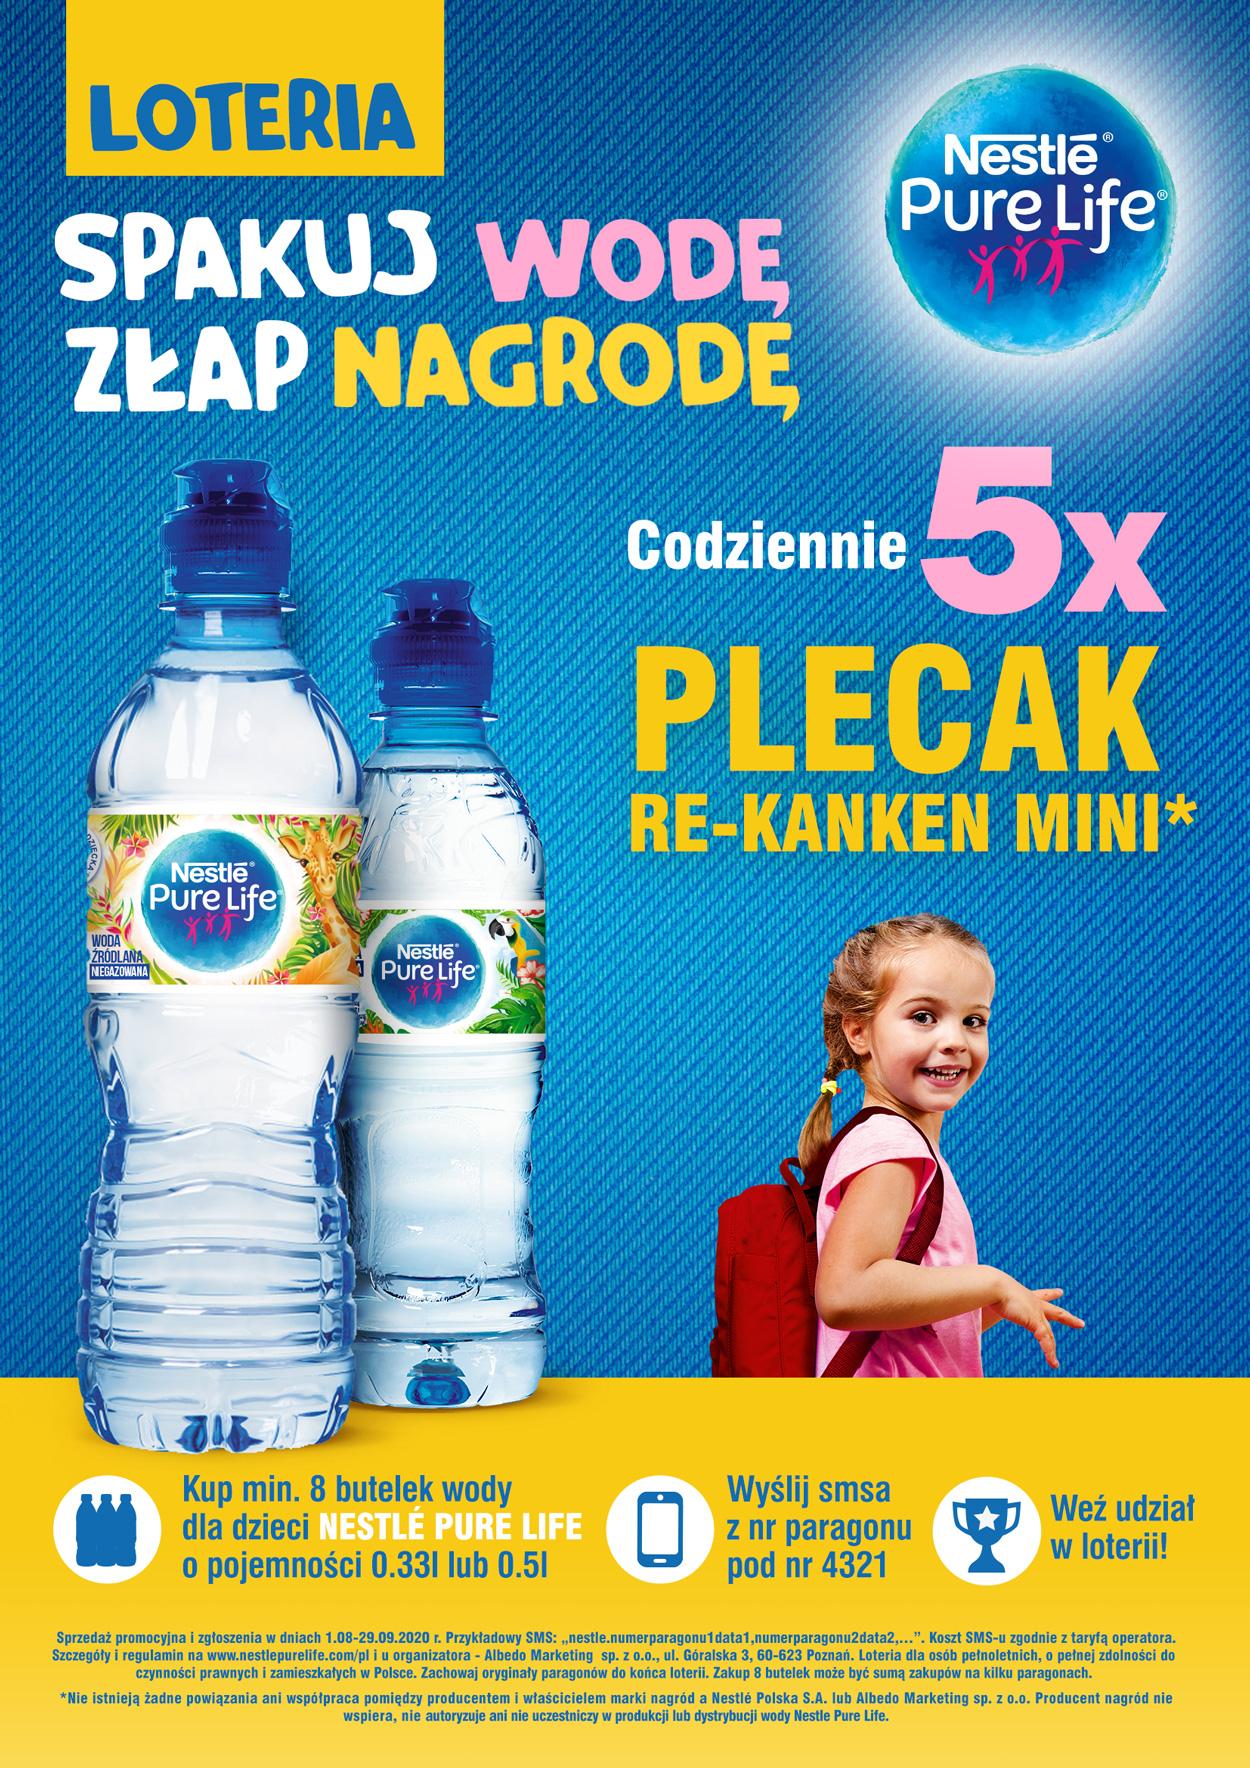 Loteria Nestlé Pure Life